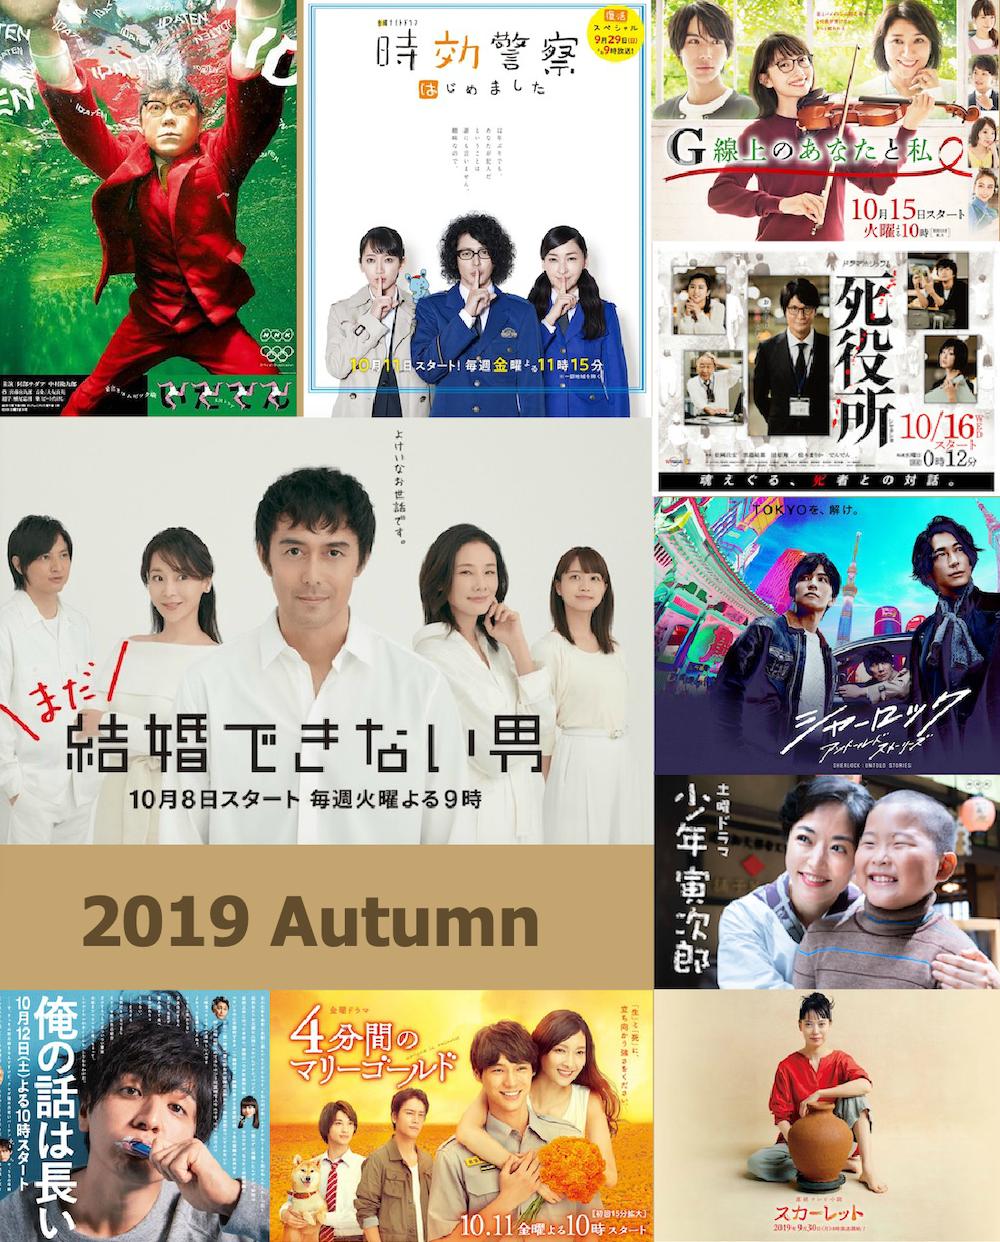 2019年10月からのドラマ